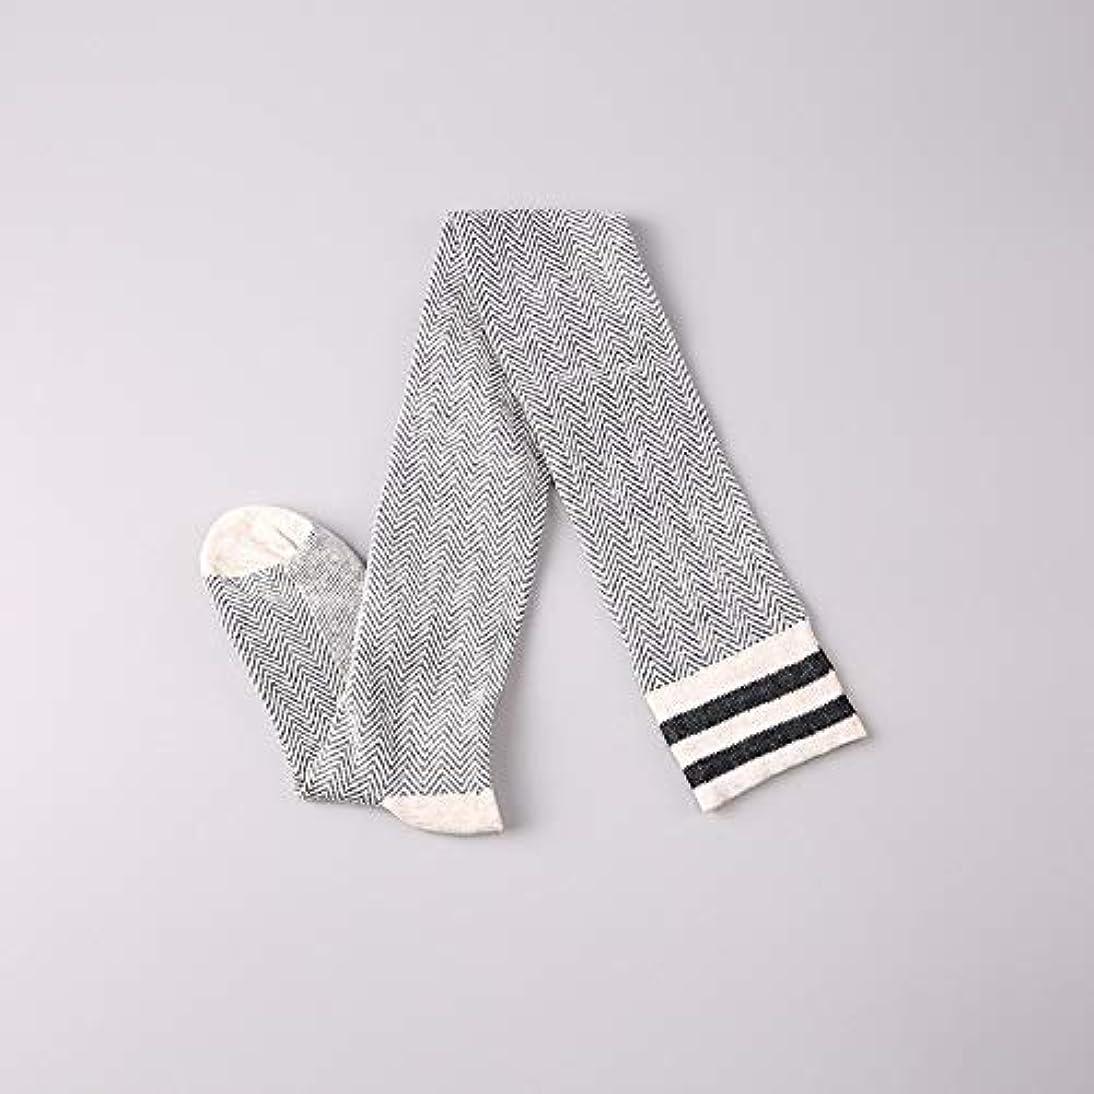 検閲グラフ説明的秋と冬の綿は膝の靴下ノンスリップストッキングカレッジ風国立レトロ日本の 腿のソックスの上に薄かった